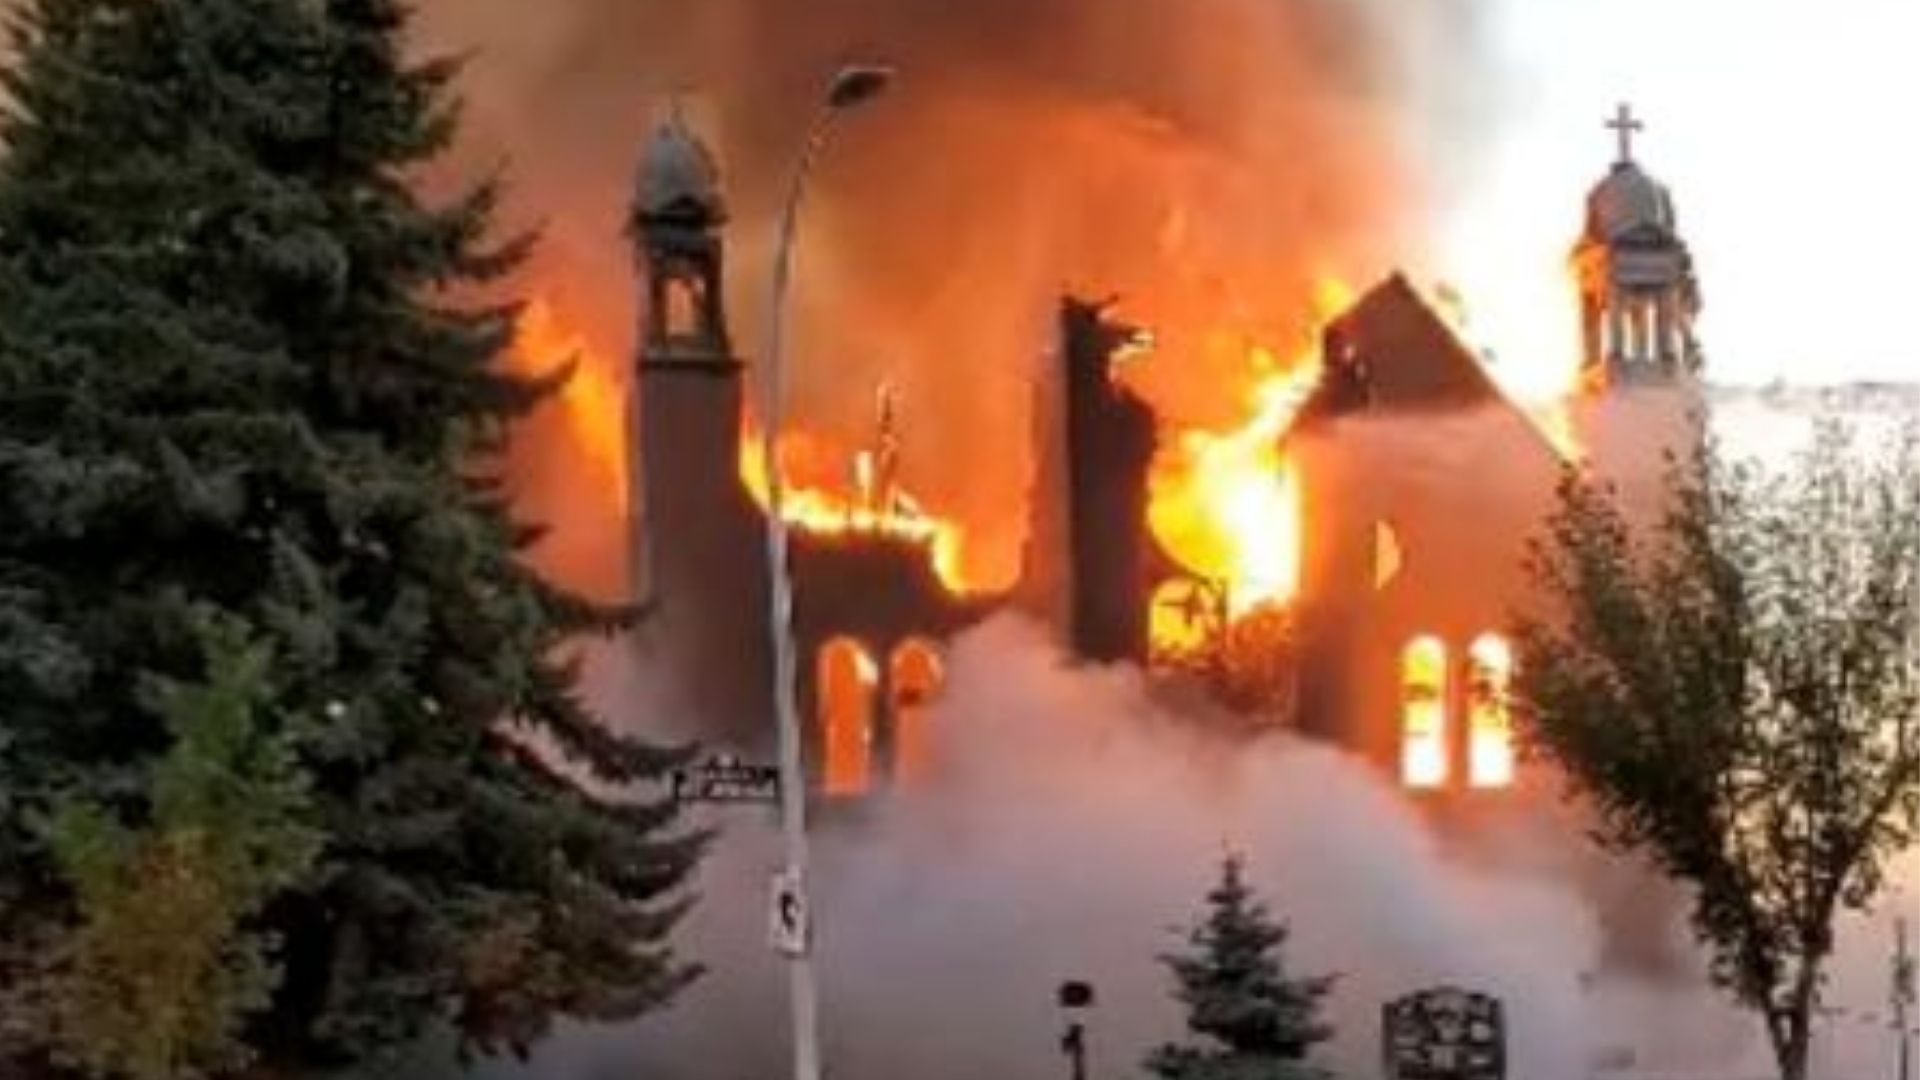 Aumenta o número de igrejas católicas canadenses vandalizadas e incendiadas no Canadá